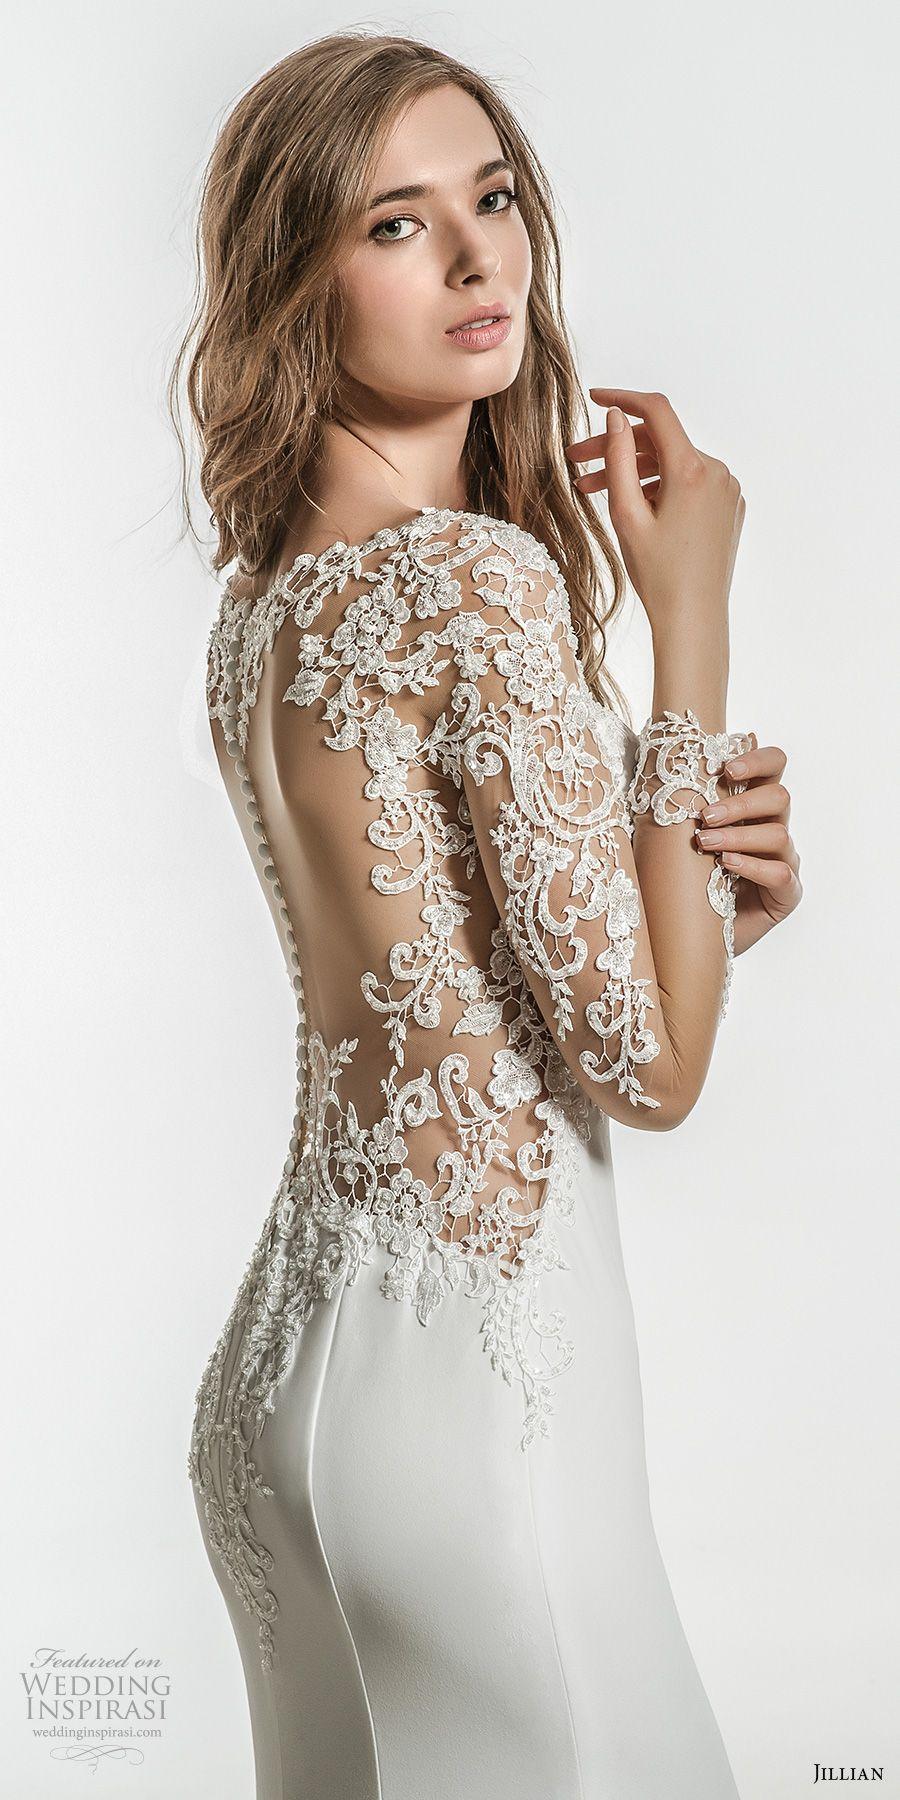 Elegant short wedding dresses  Jillian  Wedding Dresses  Bodice Wedding dress and Wedding